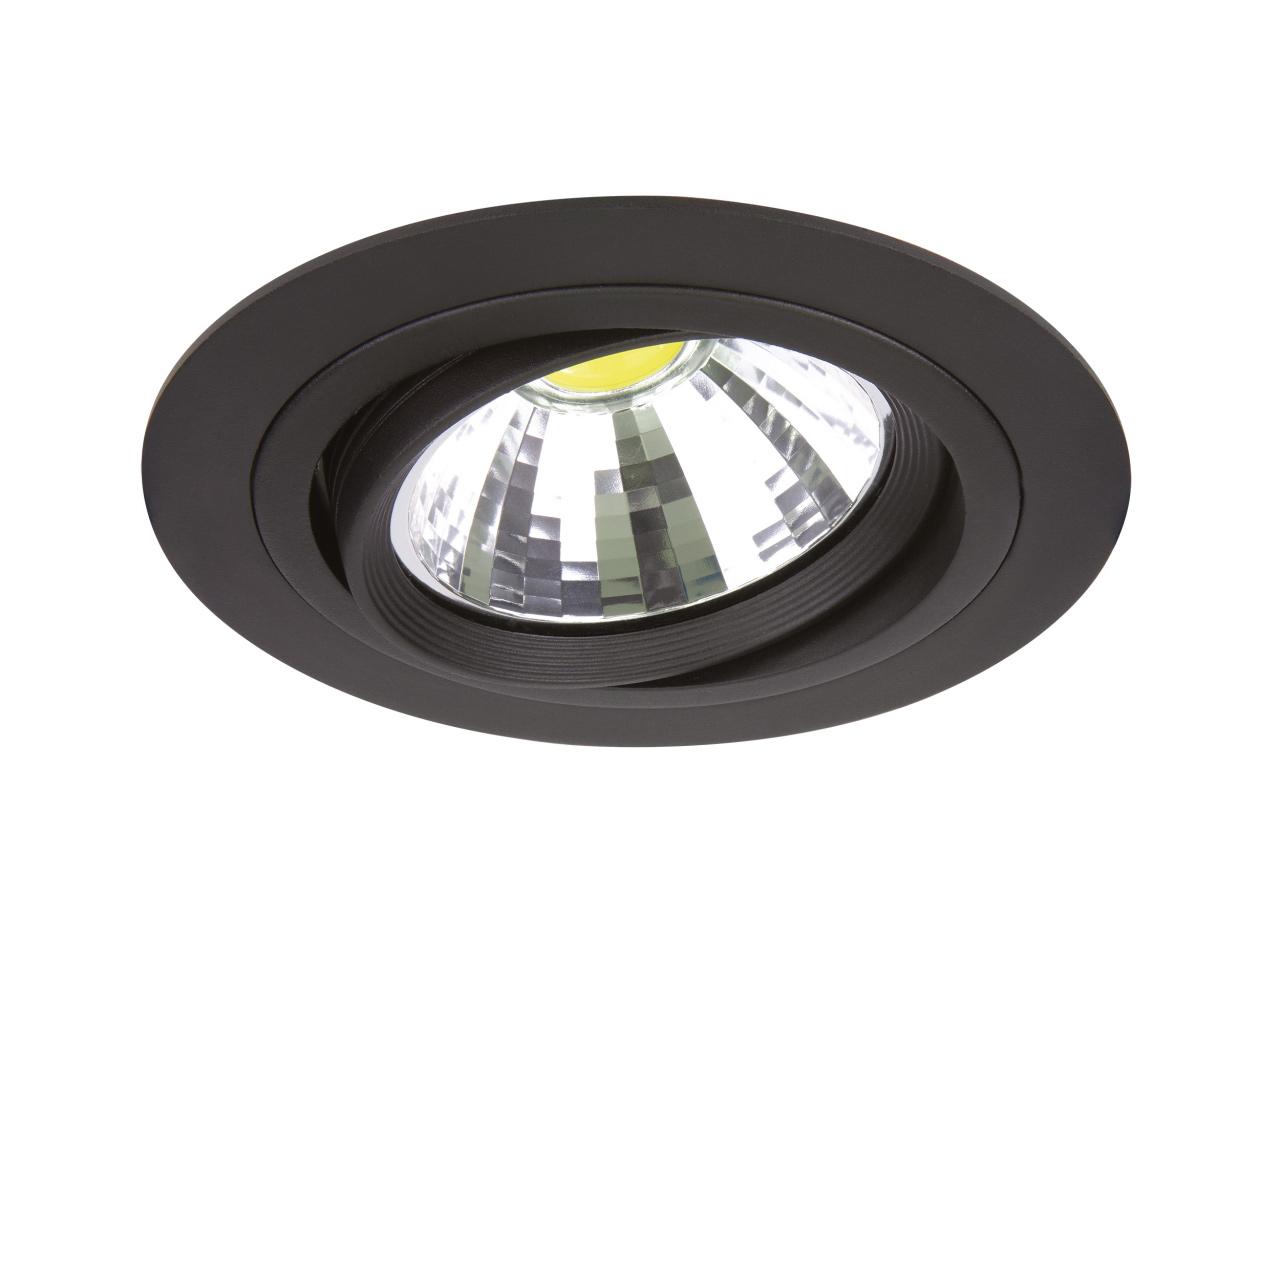 Светильник Intero 111 AR111 черный Lightstar 214317